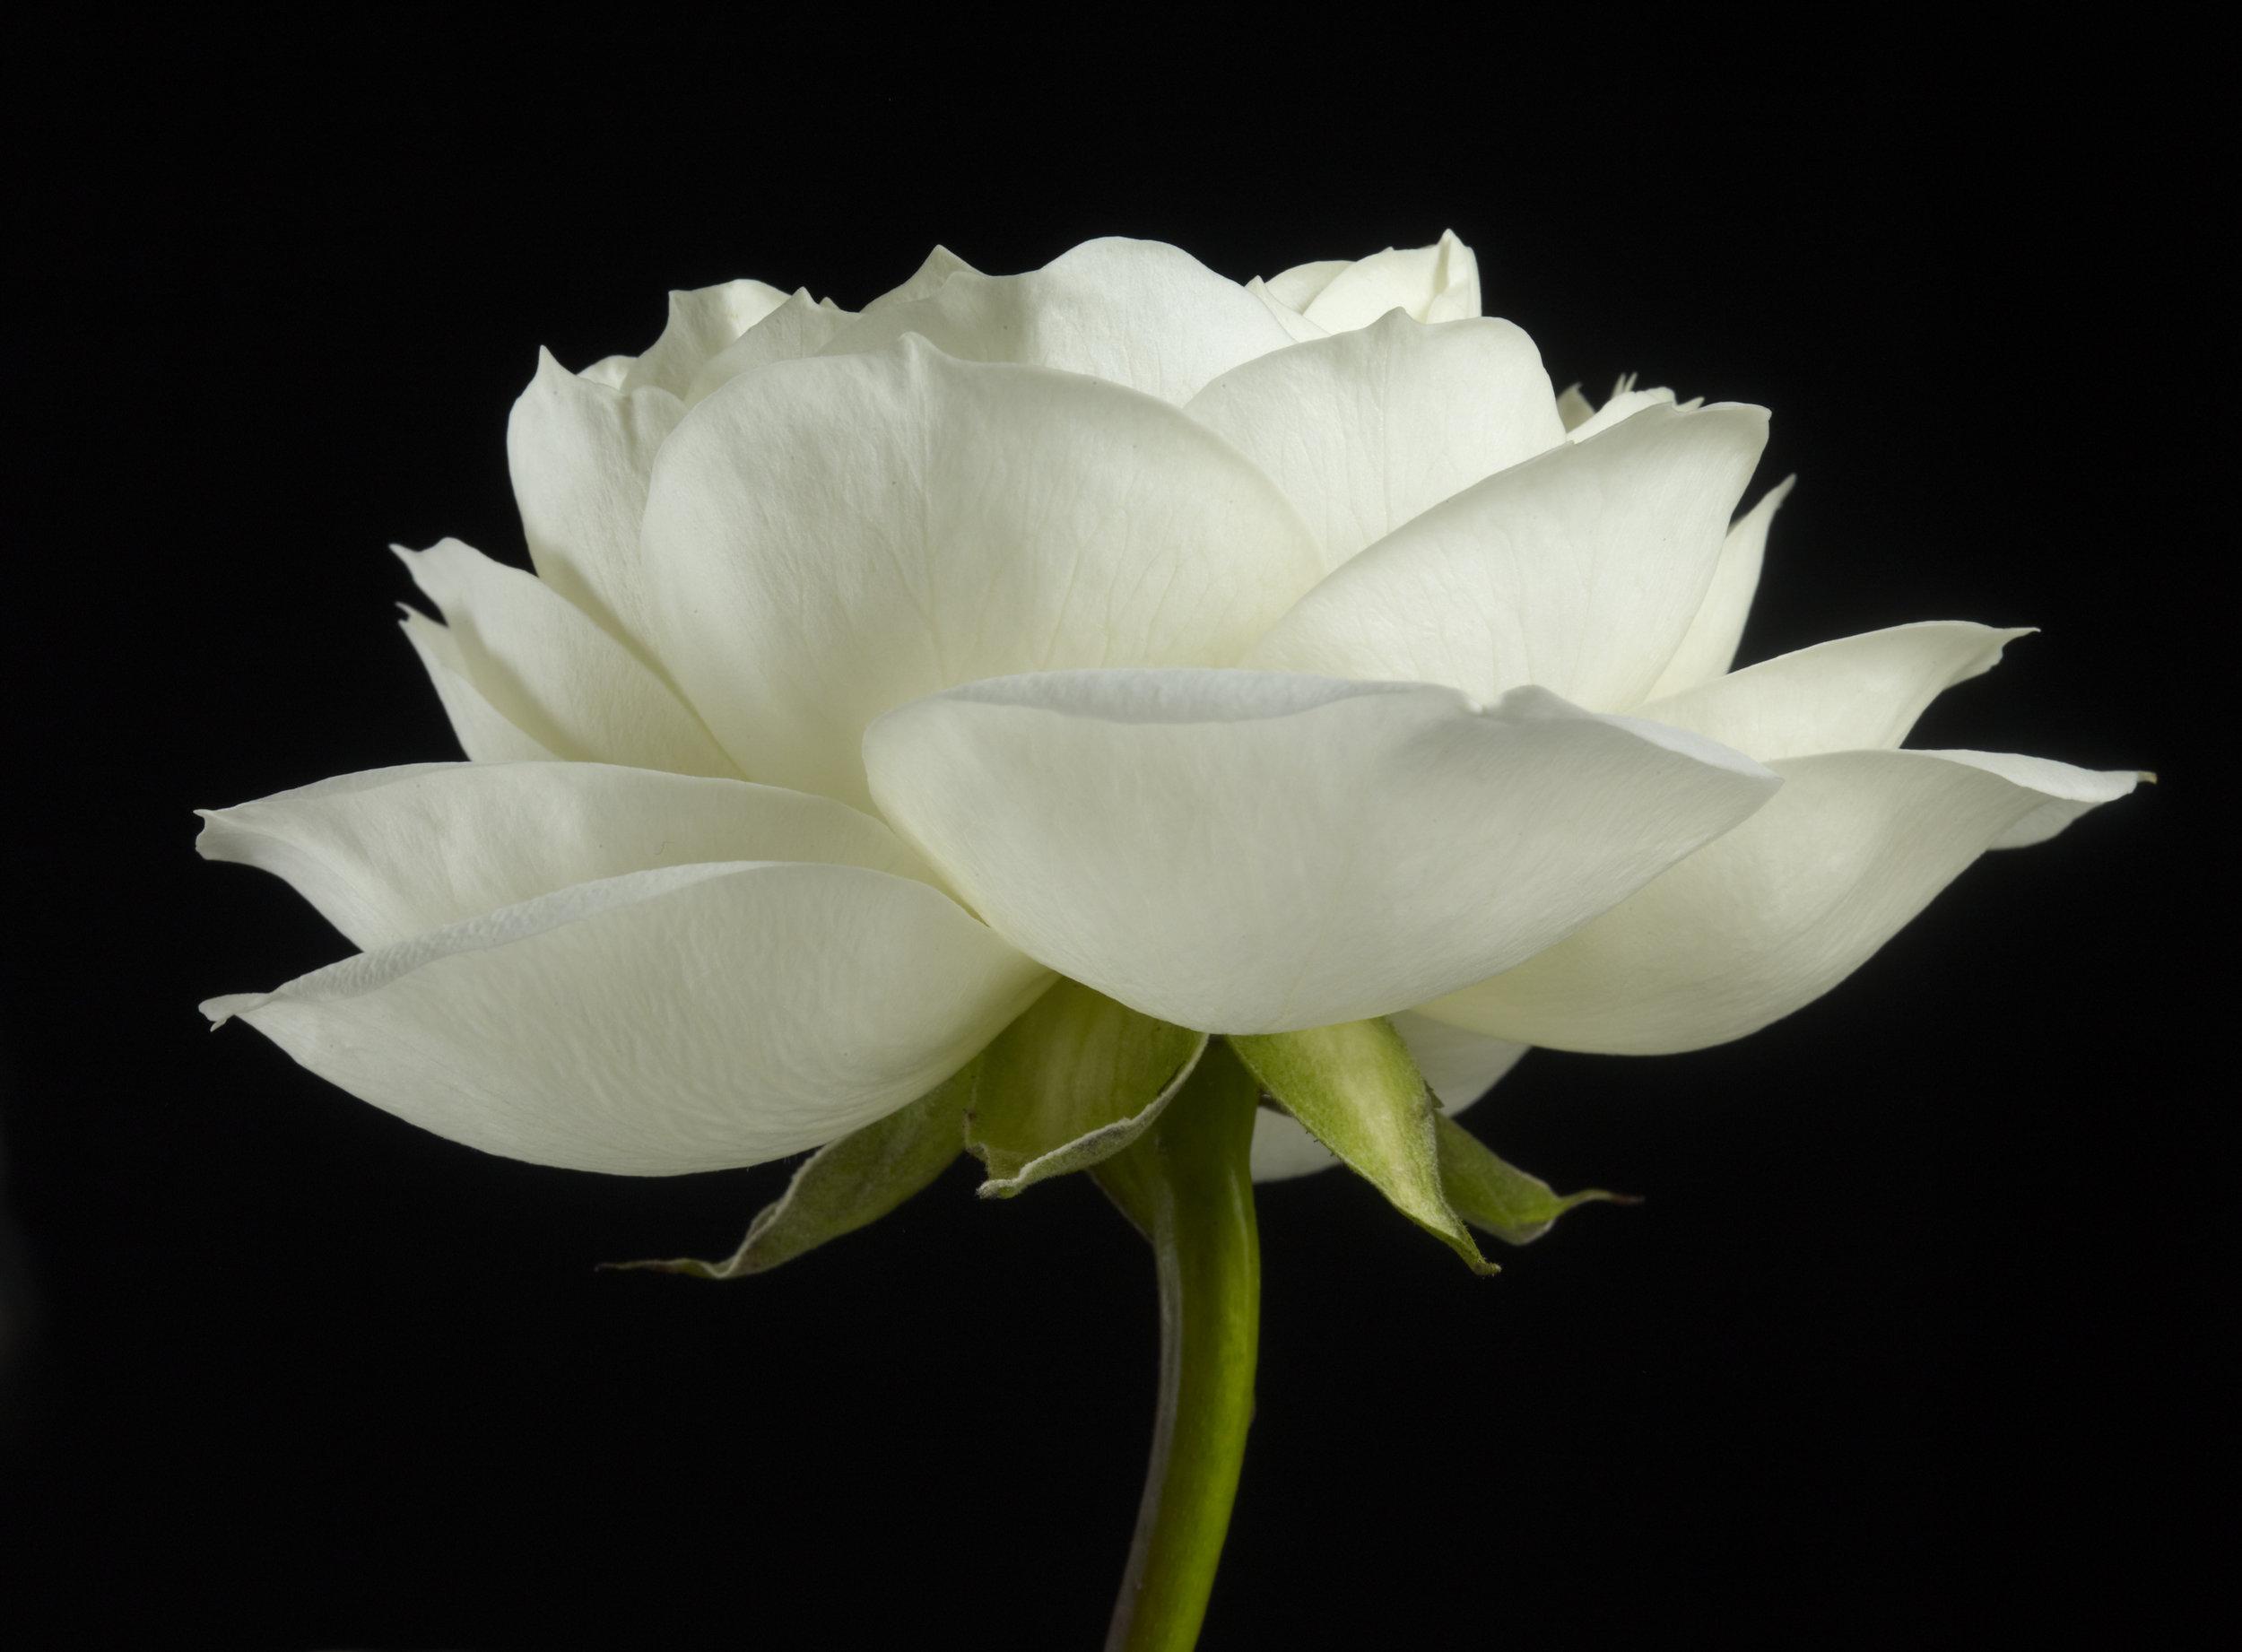 FloralShots_Friday_1.13.12 37660.jpg